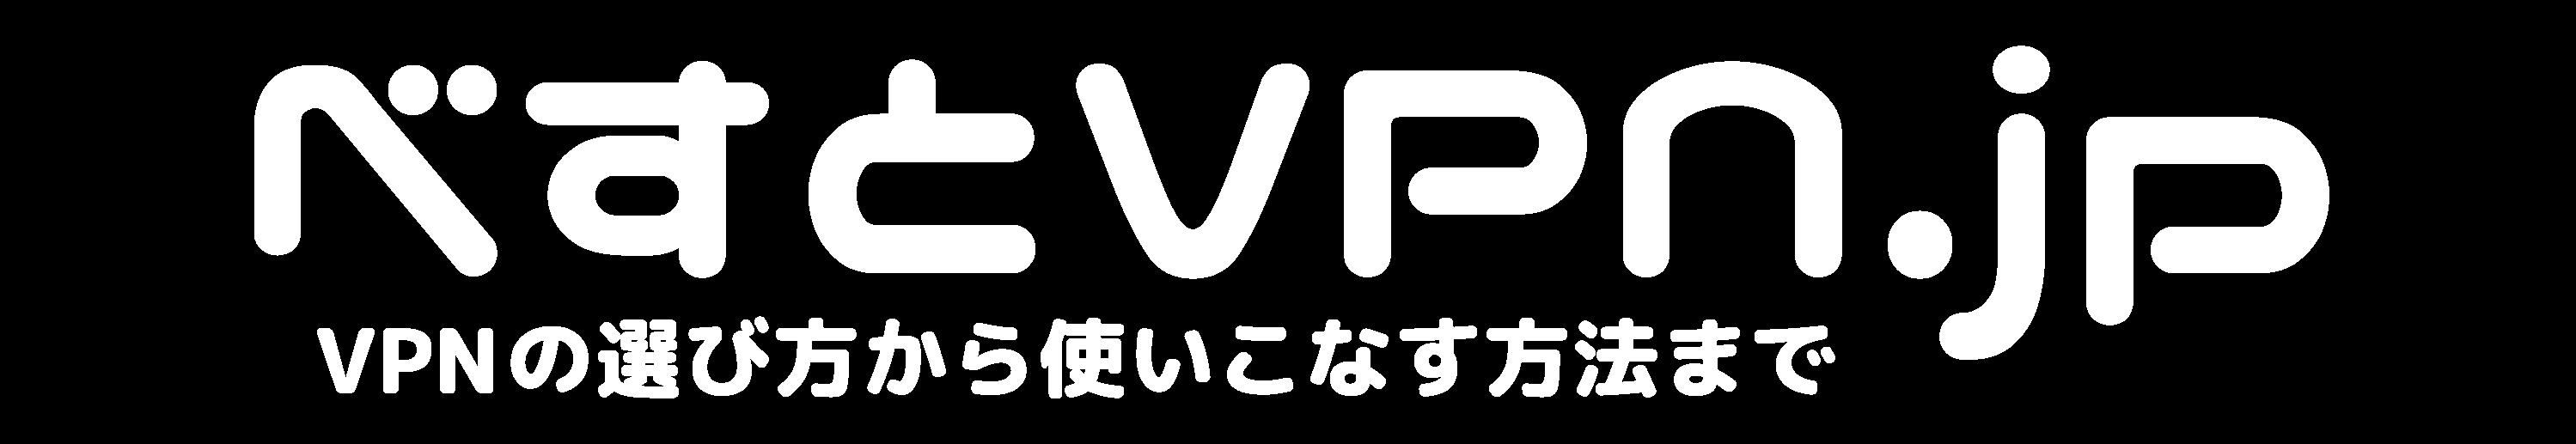 べすとVPN.jp